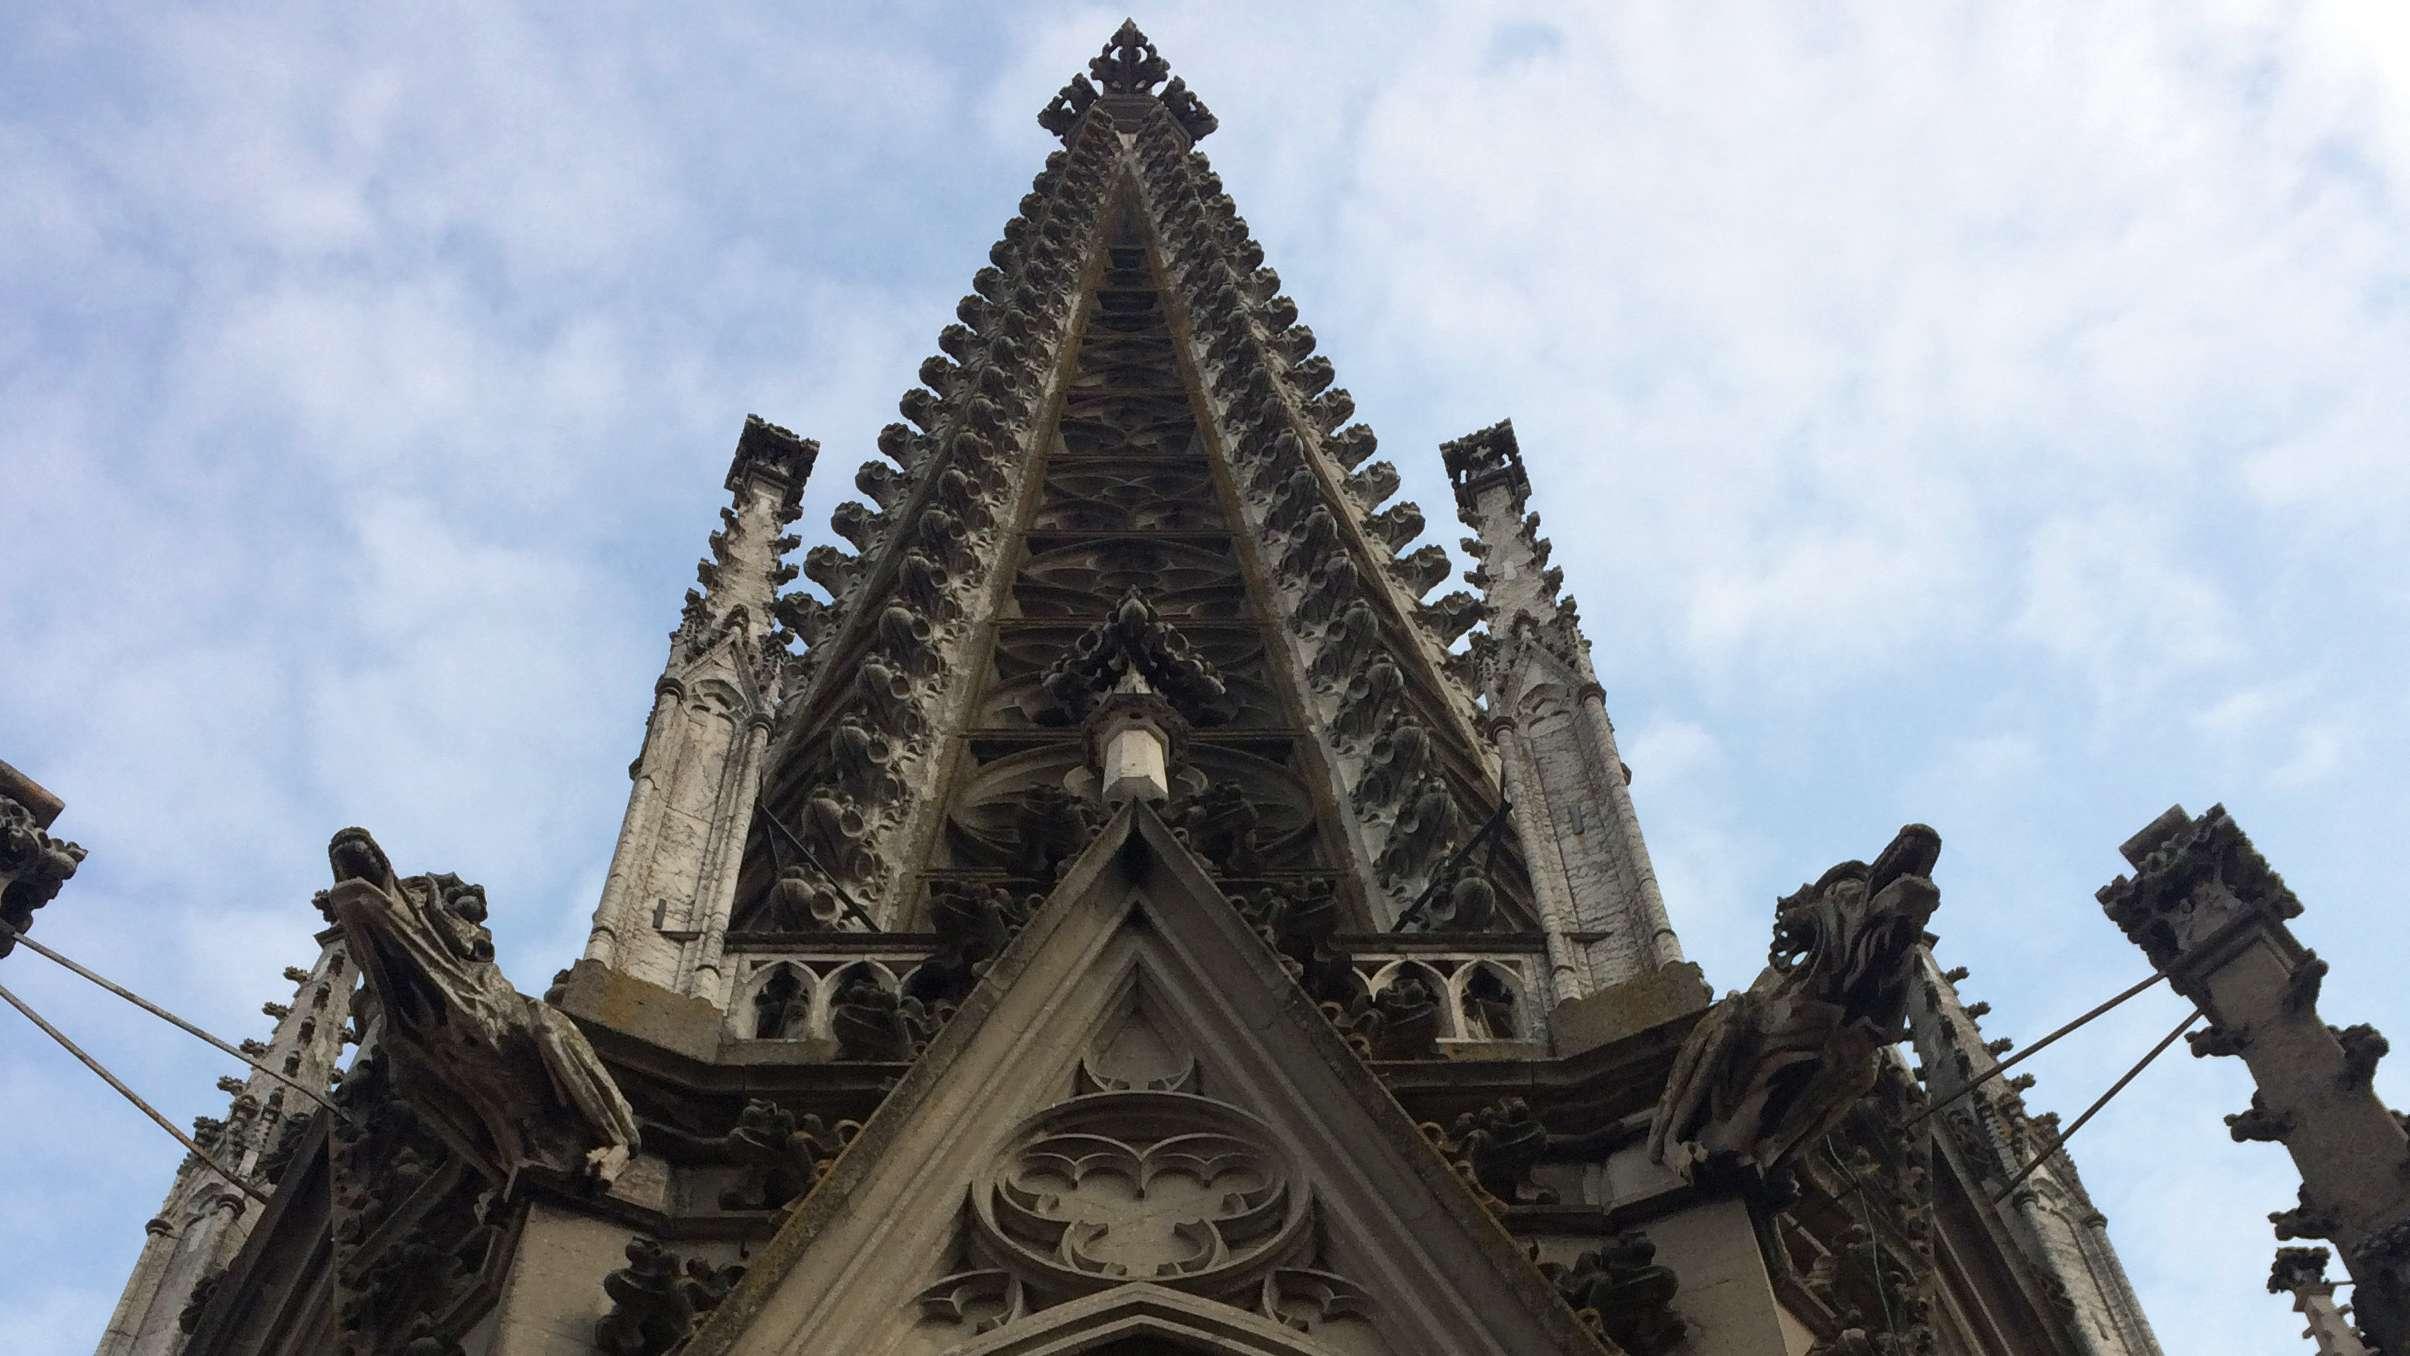 Ein Turm des Regensburger Doms - hier sind immer Ausbesserungsarbeiten nötig.